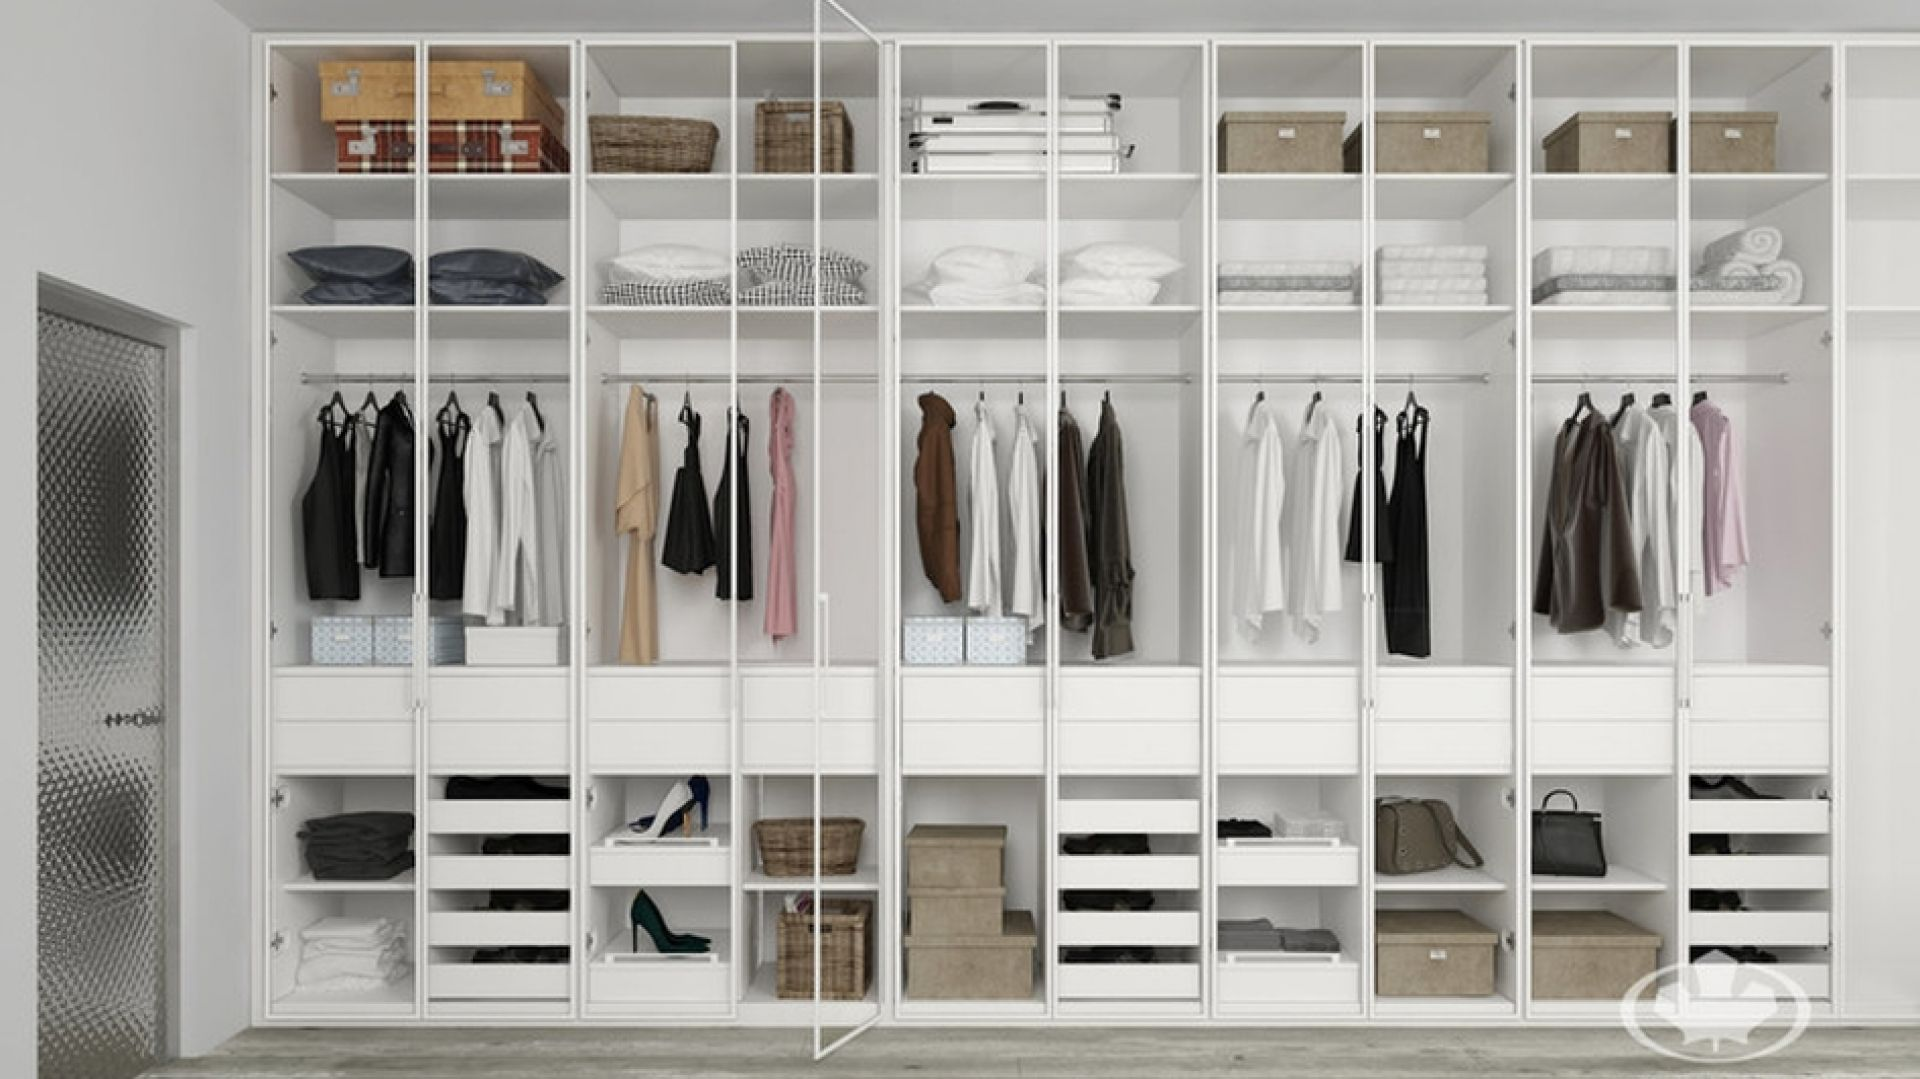 Szafy są niezwykle potrzebnym elementem wyposażenia każdego domu – mieścimy tam bowiem zarówno ubrania, pościel czy ręczniki, ale także buty i przedmioty, które chcemy szybko ukryć, kiedy niespodziewanie pojawiają się goście. Fot. Komandor